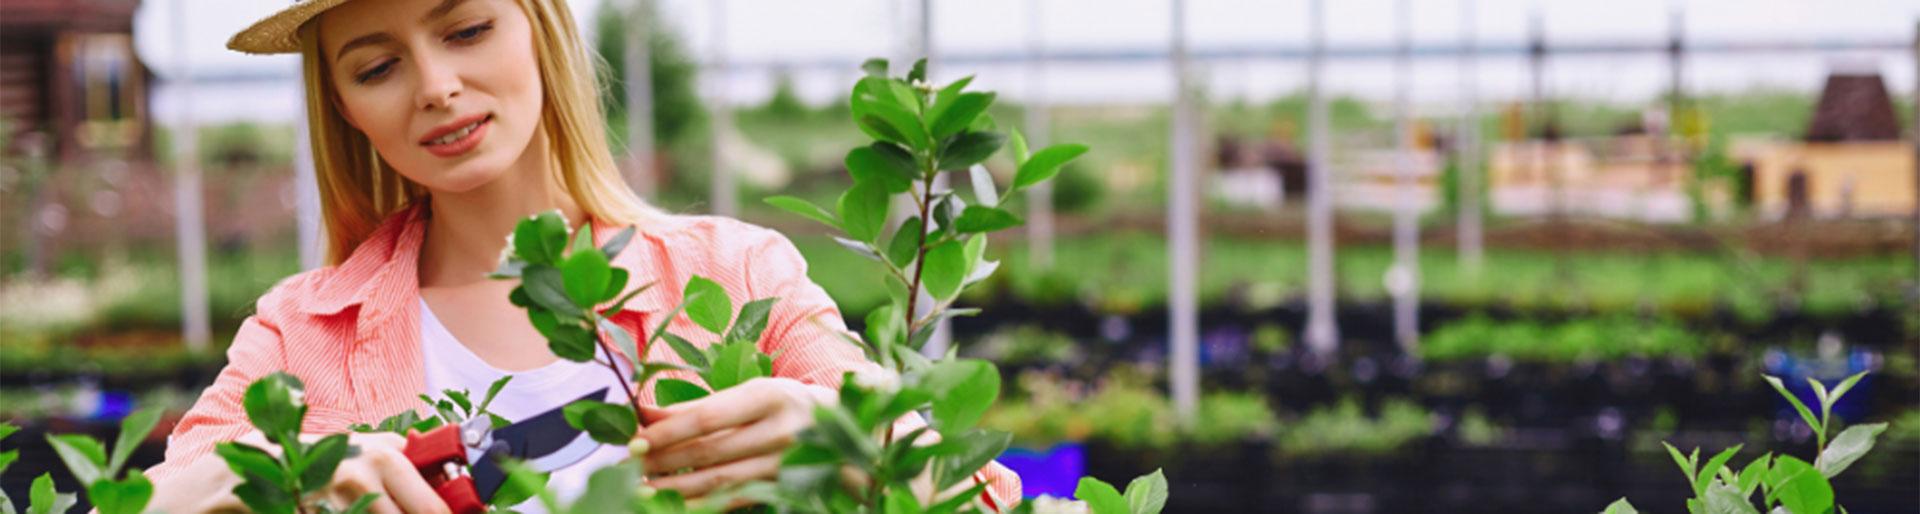 BPA TPH - Femme taillant des plantes